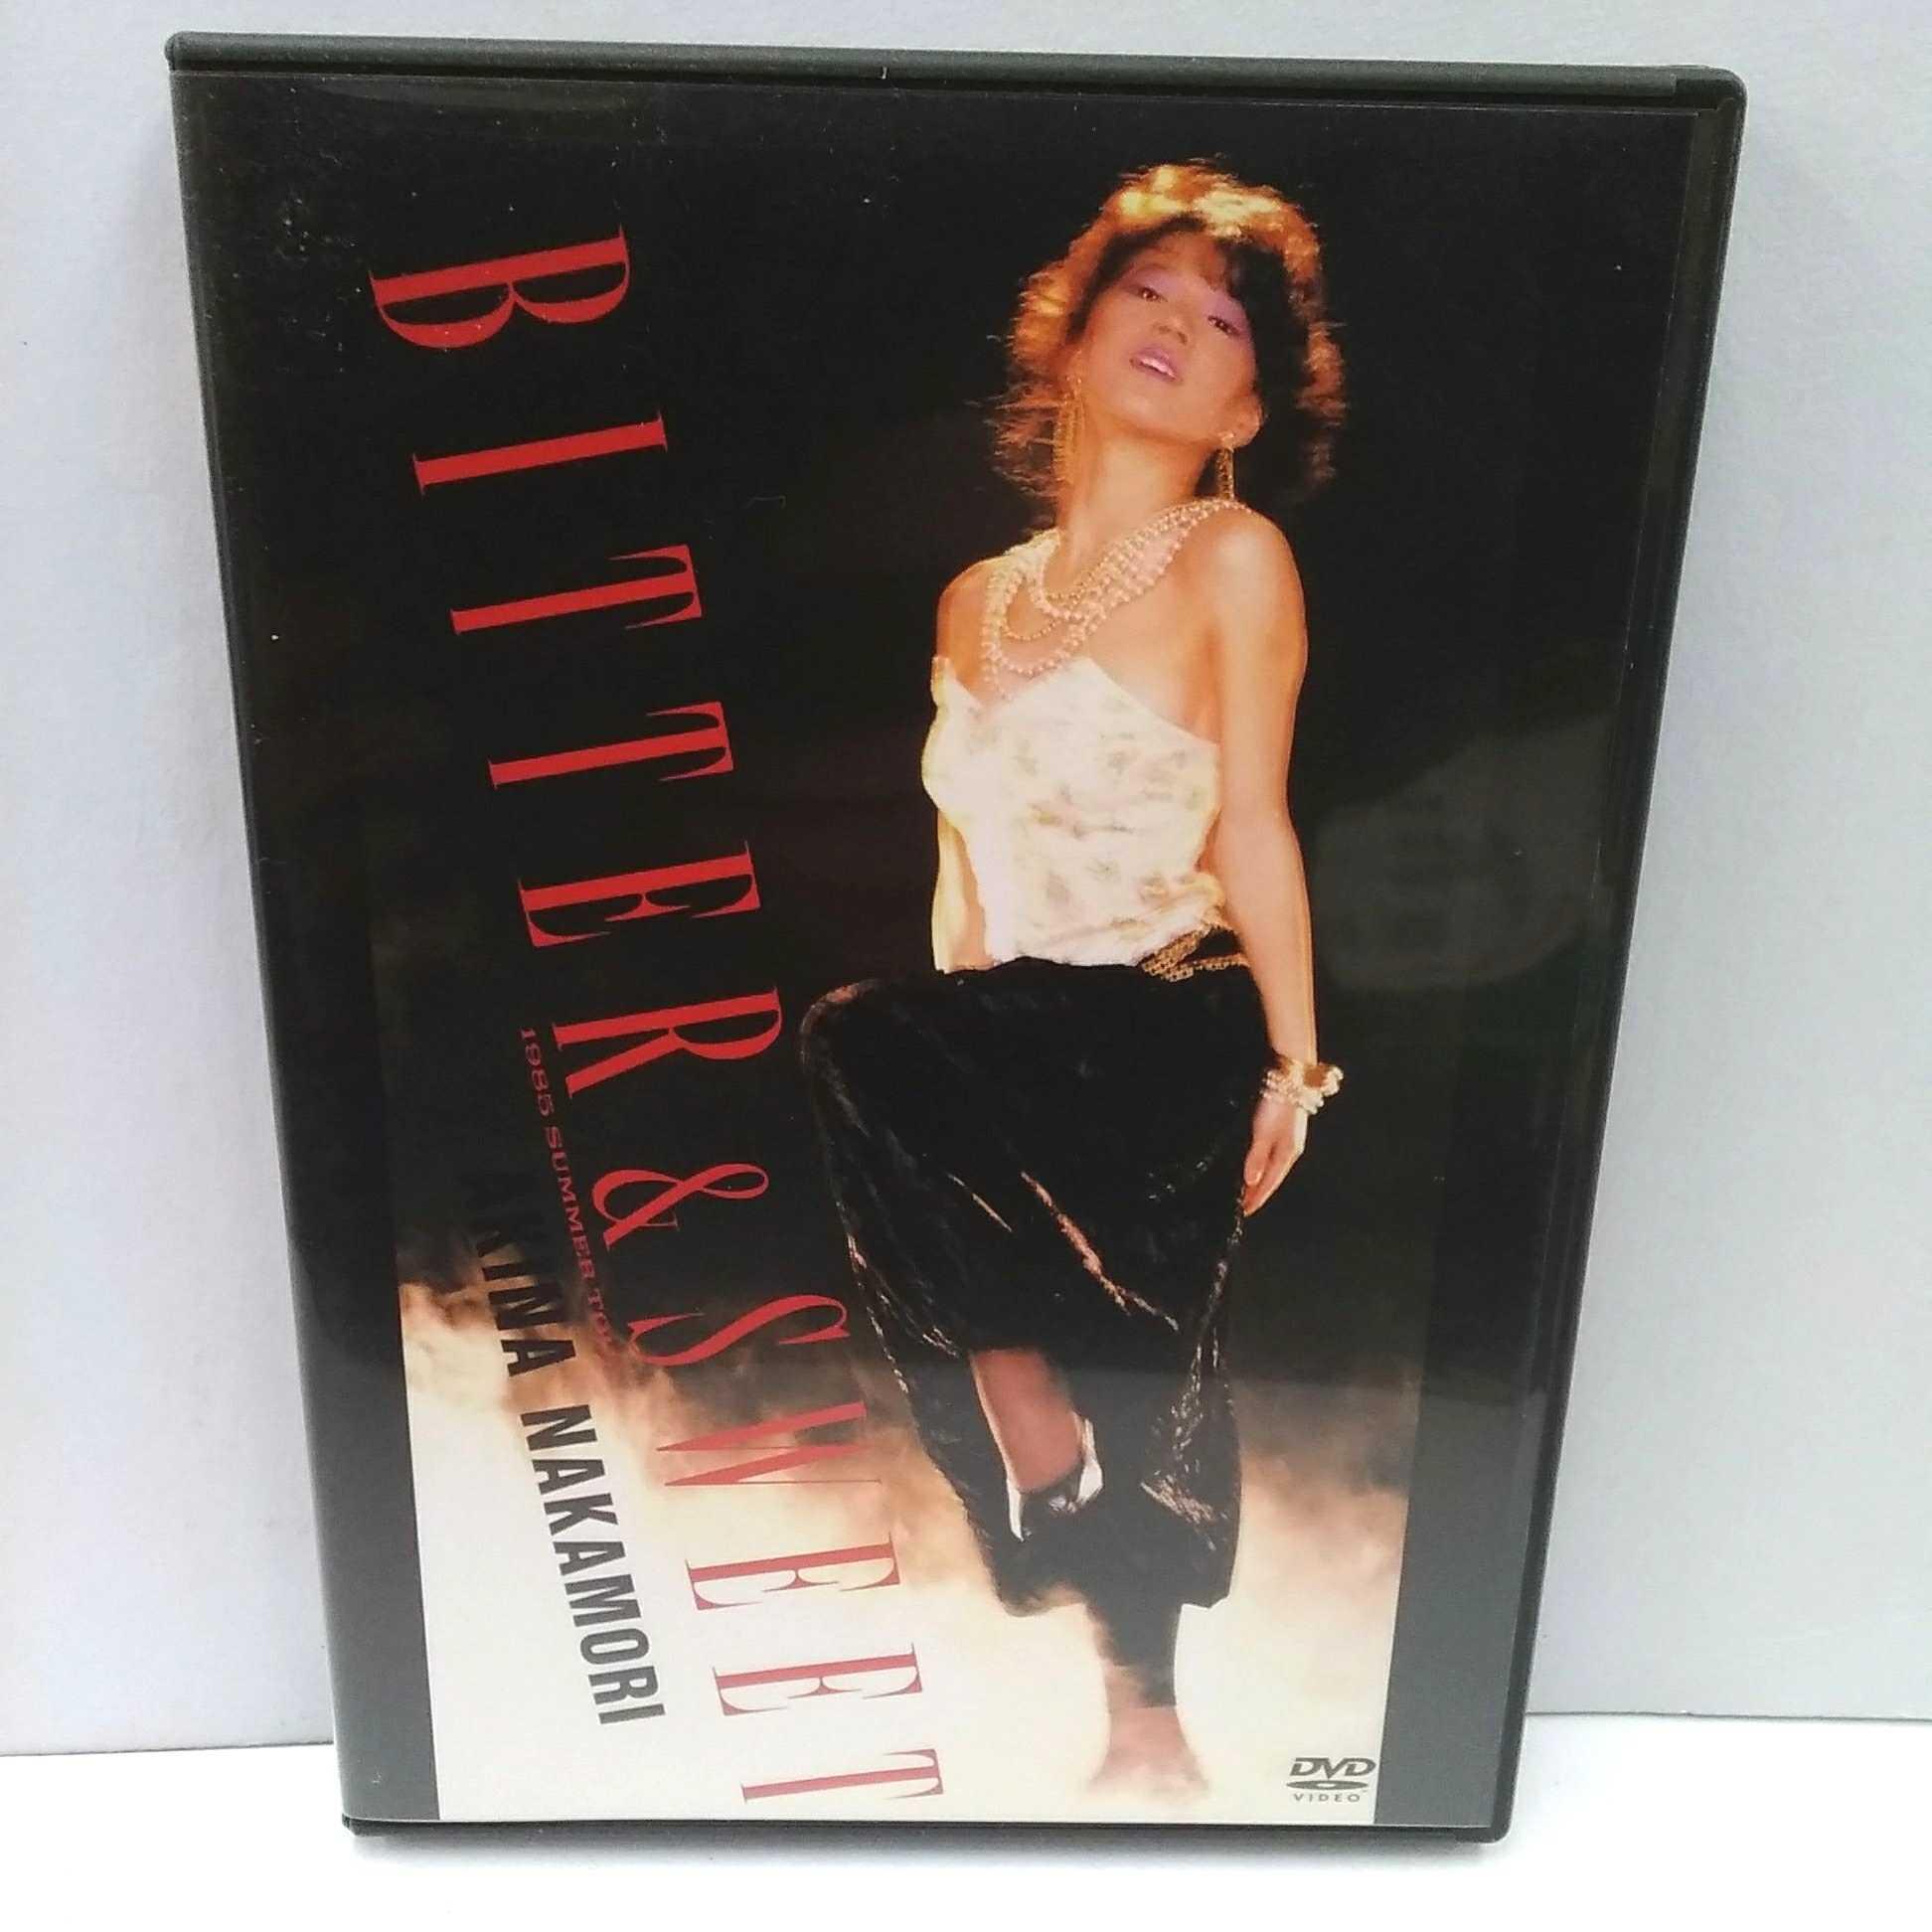 ビター&スウィート 1985サマー・ツアー|ワーナーミュージック・ジャパン